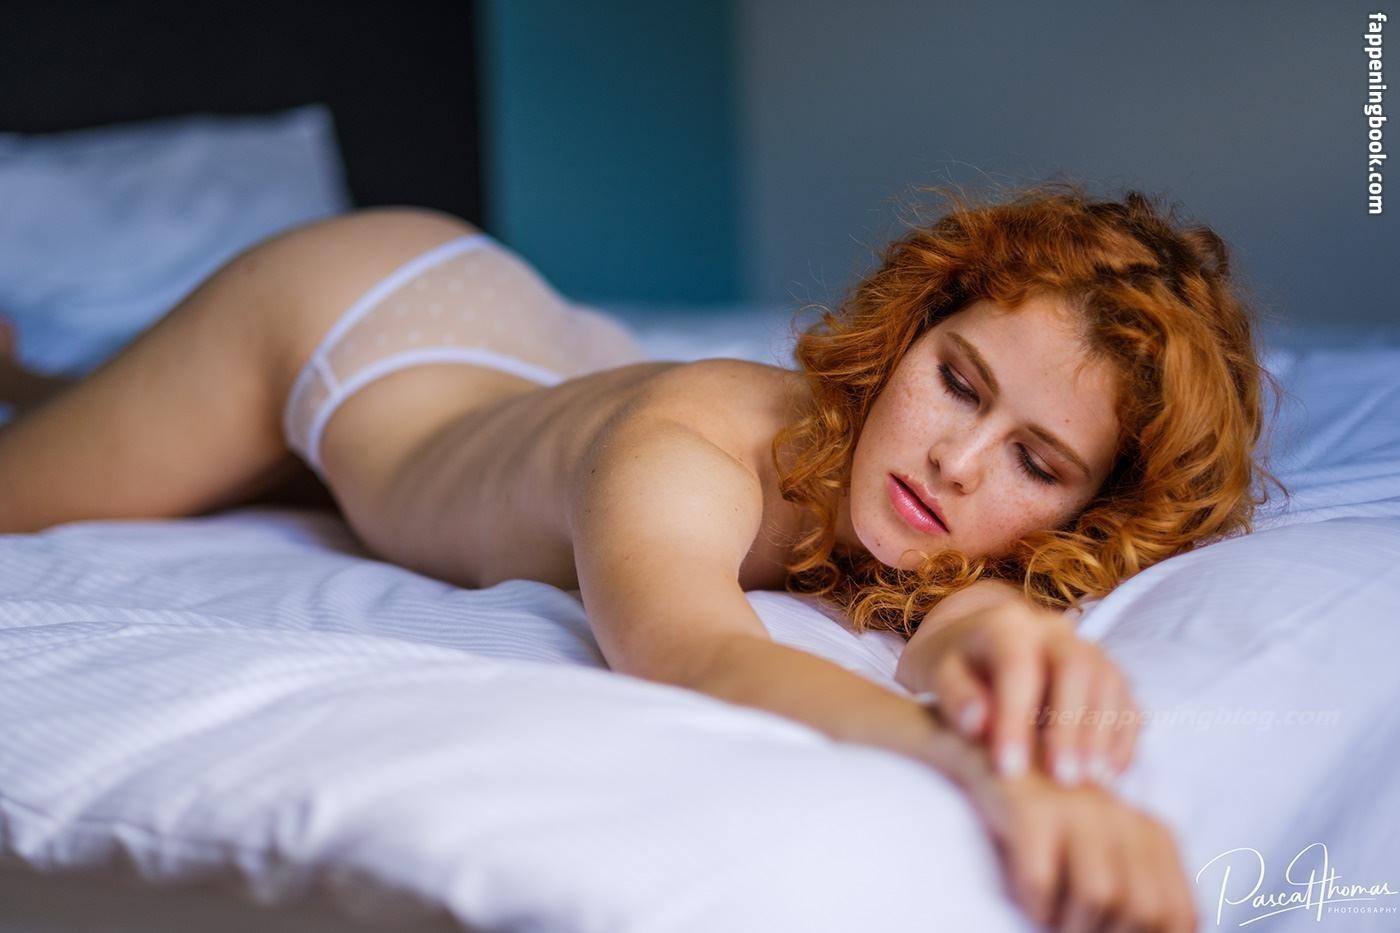 Kerouedan nackt Yvonne  Inca de